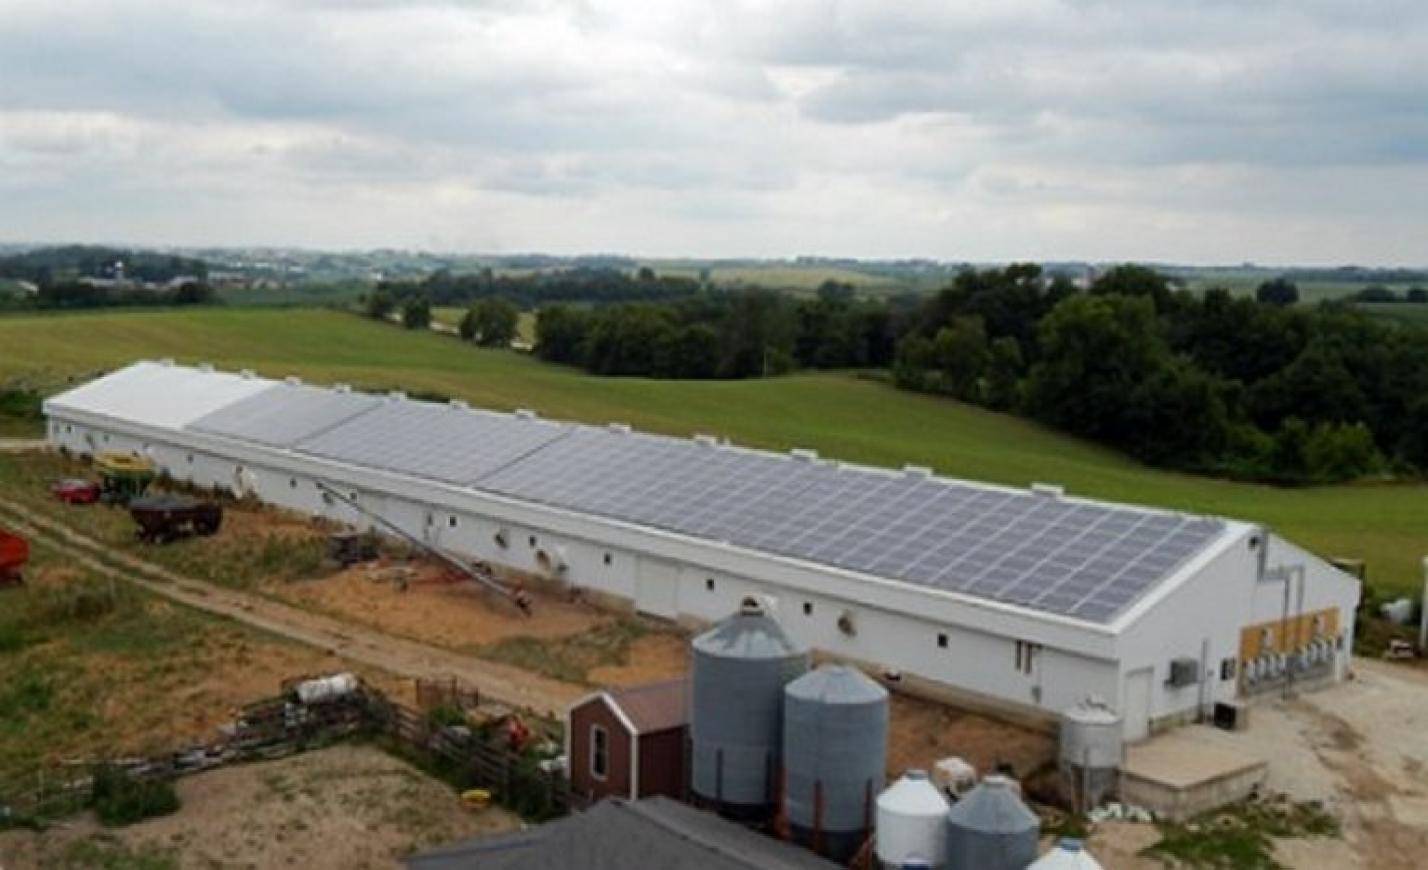 Korszerűsítés, energiahatékonyság: 23 milliárd forintnak még nincs gazdája!